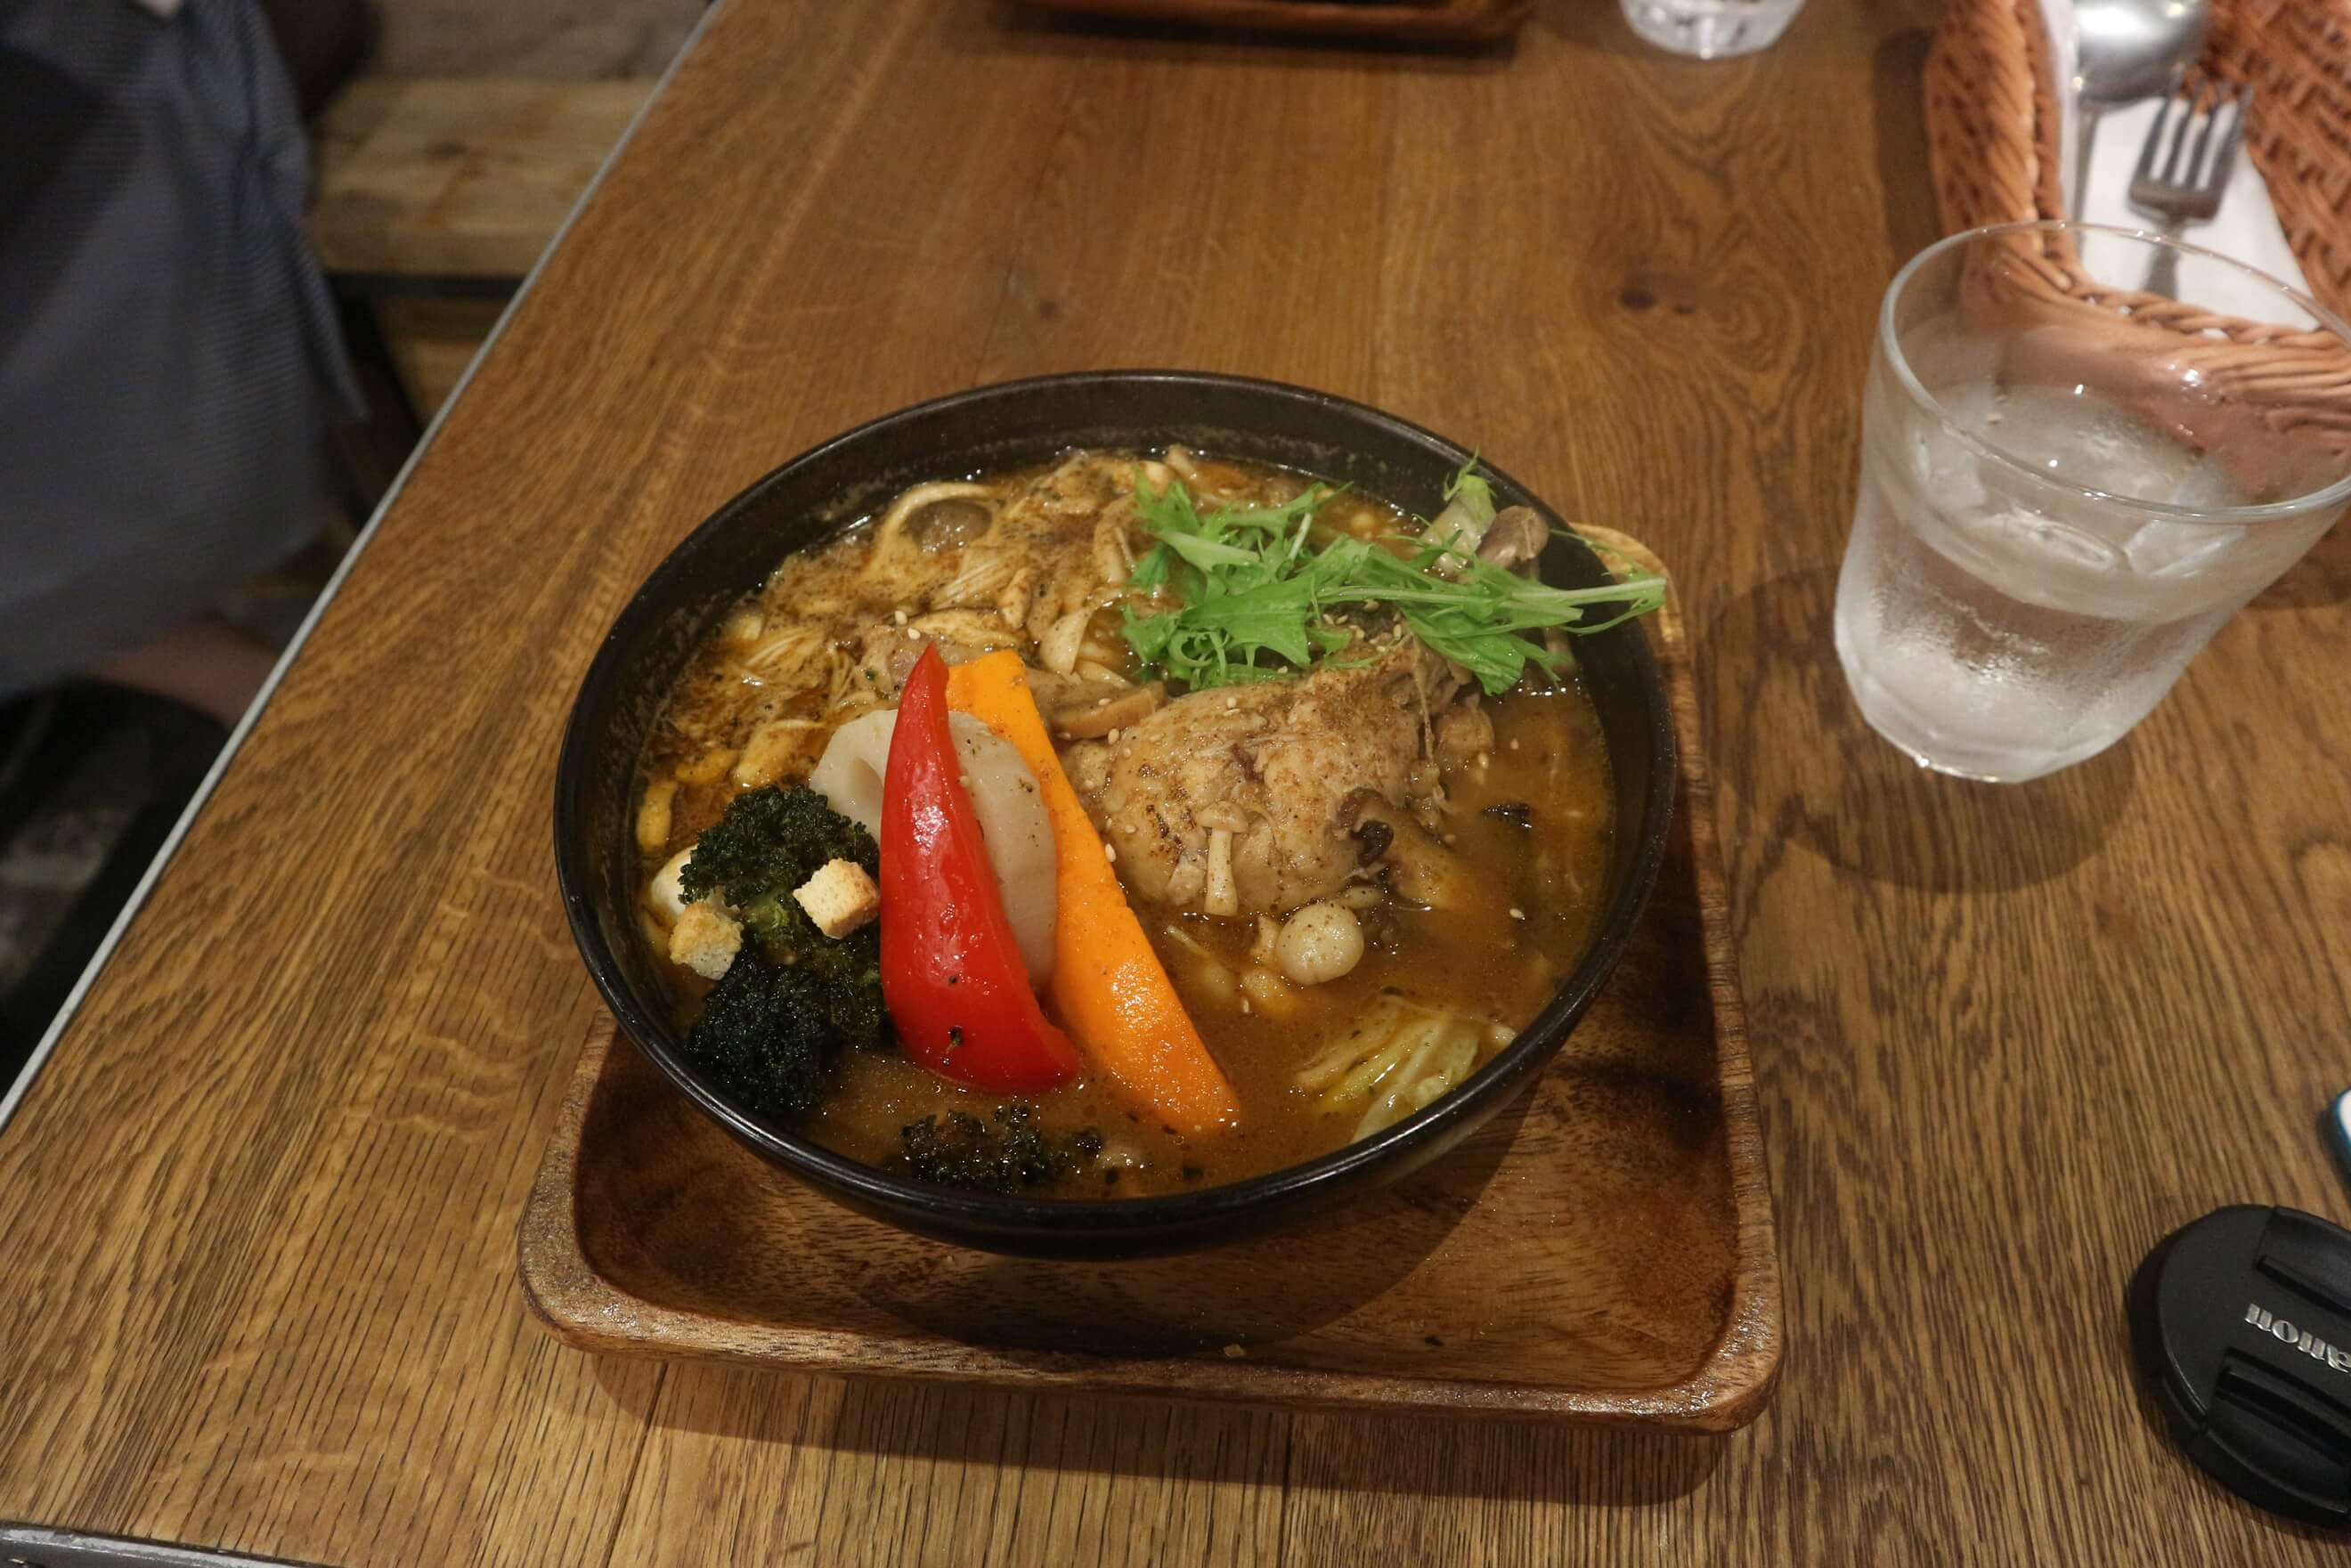 Suupu karee - hokkaido gezi rehberi - yemekler